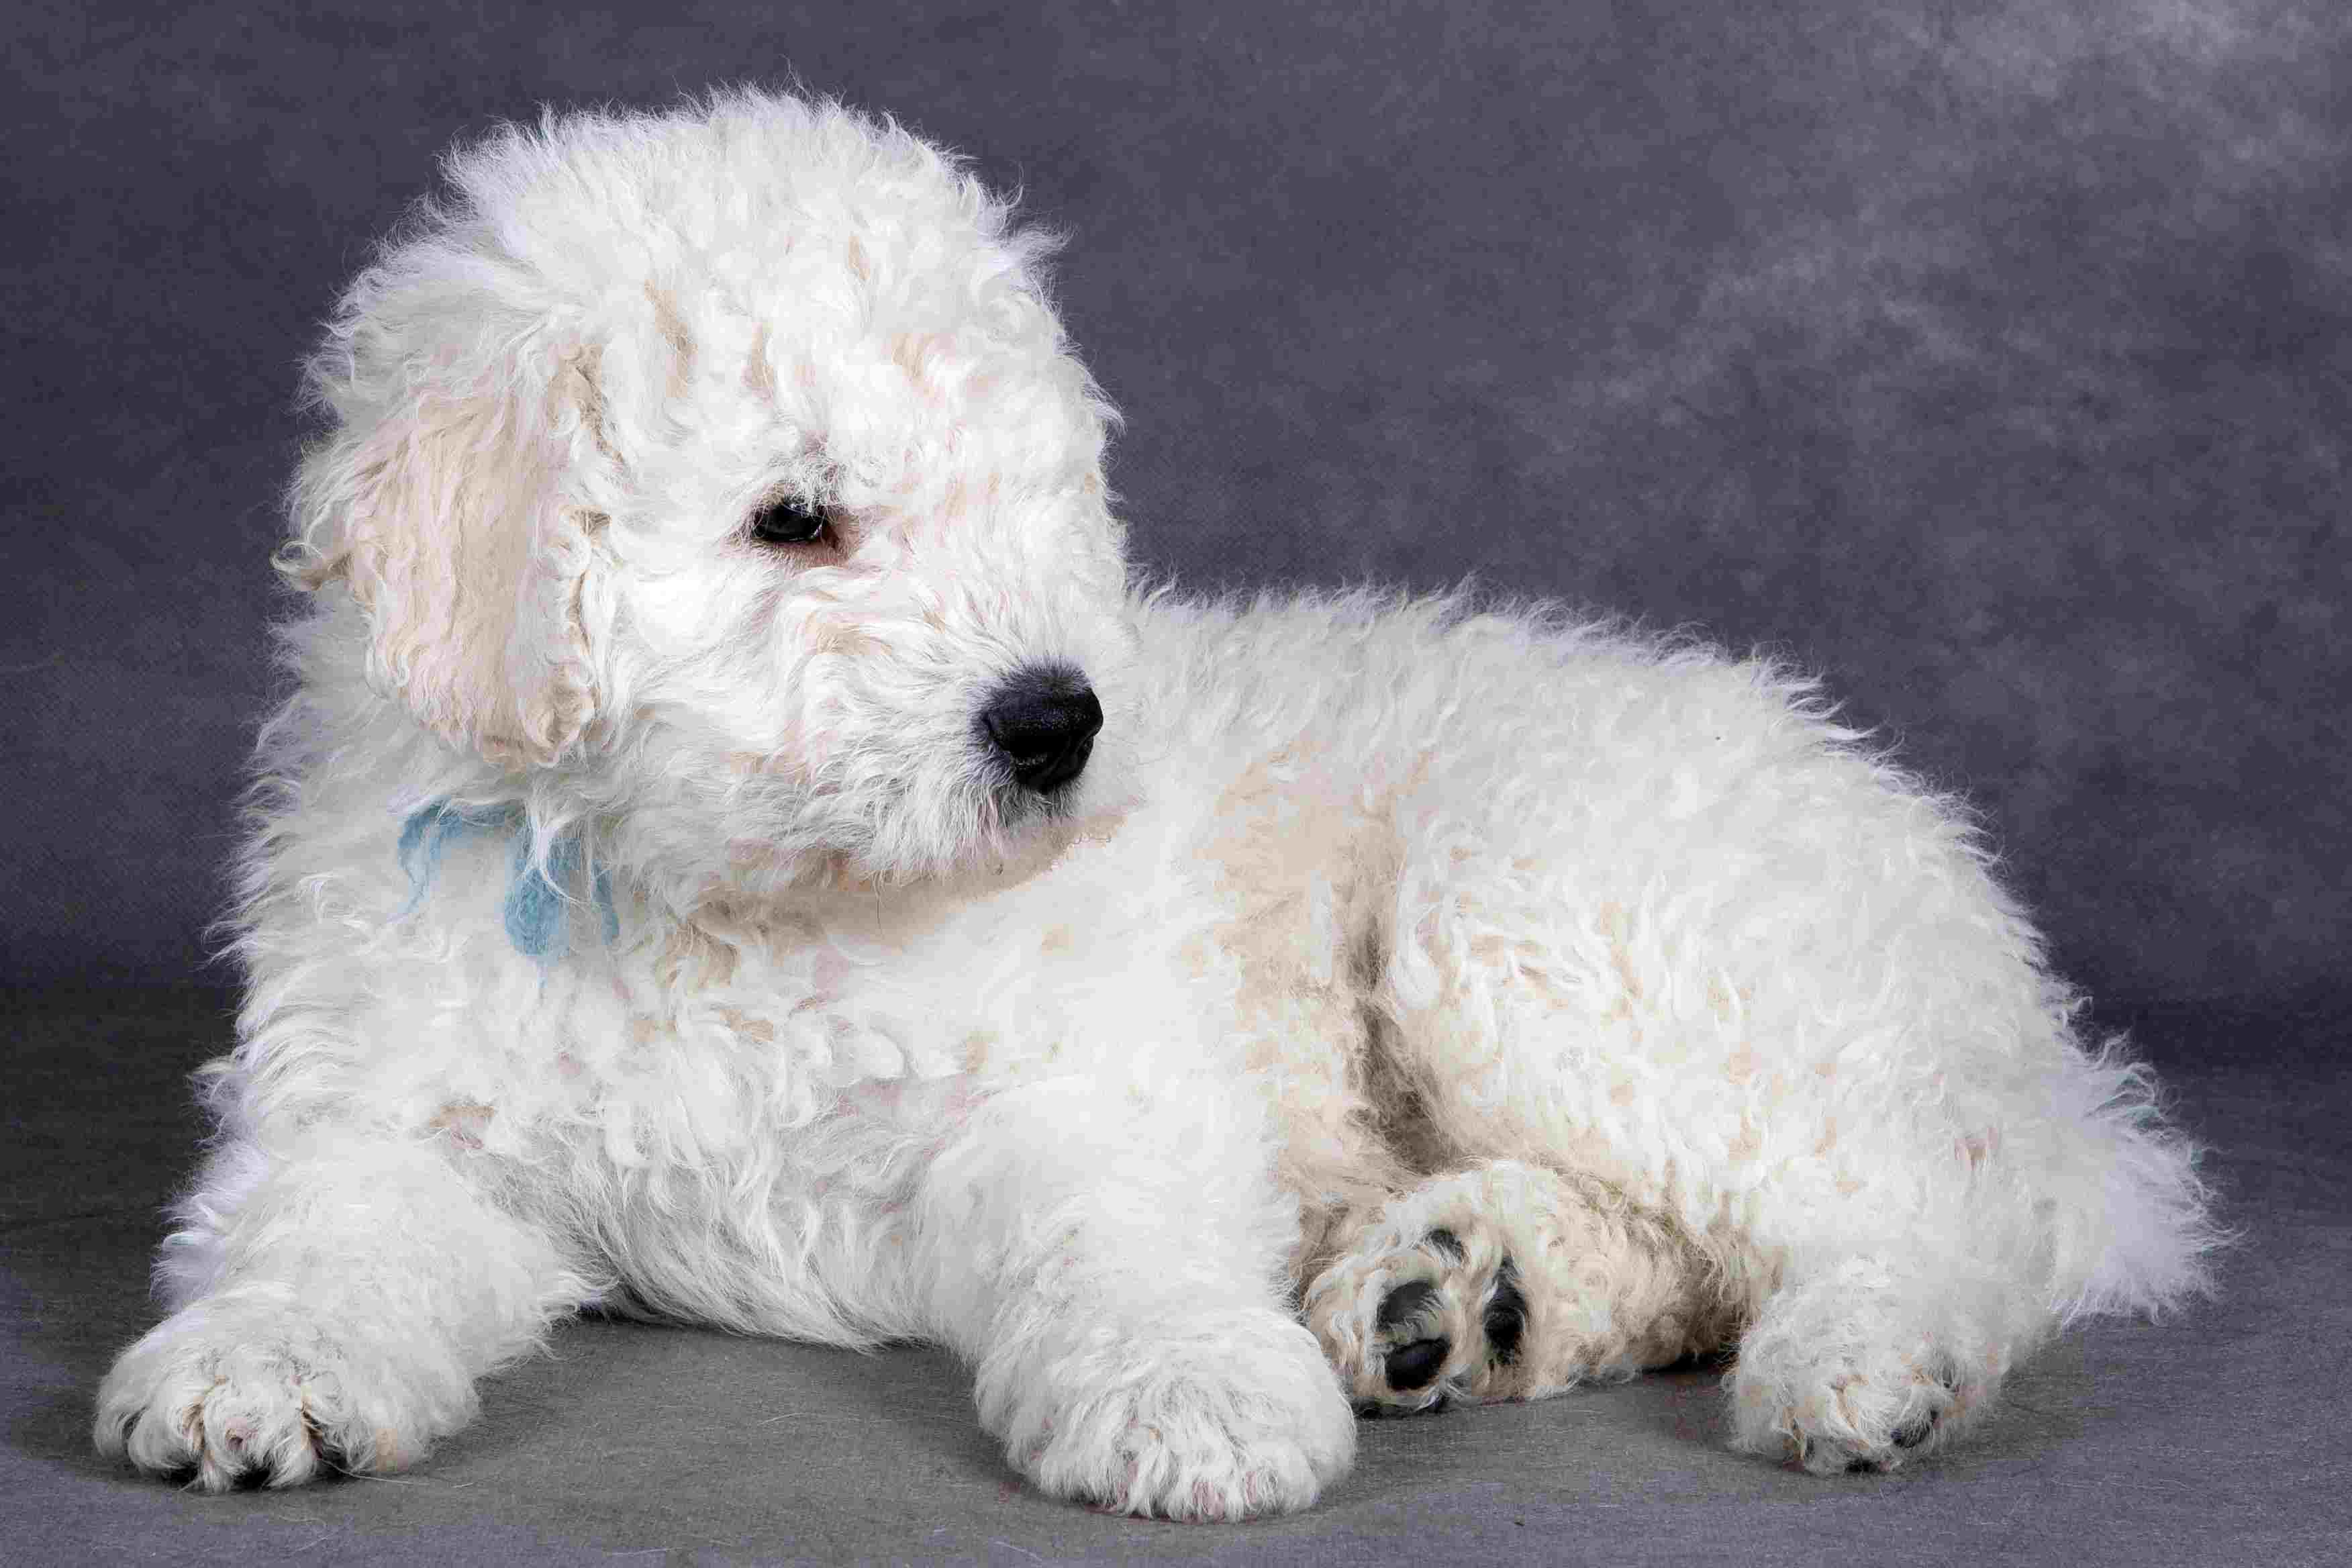 White Komondor puppy.